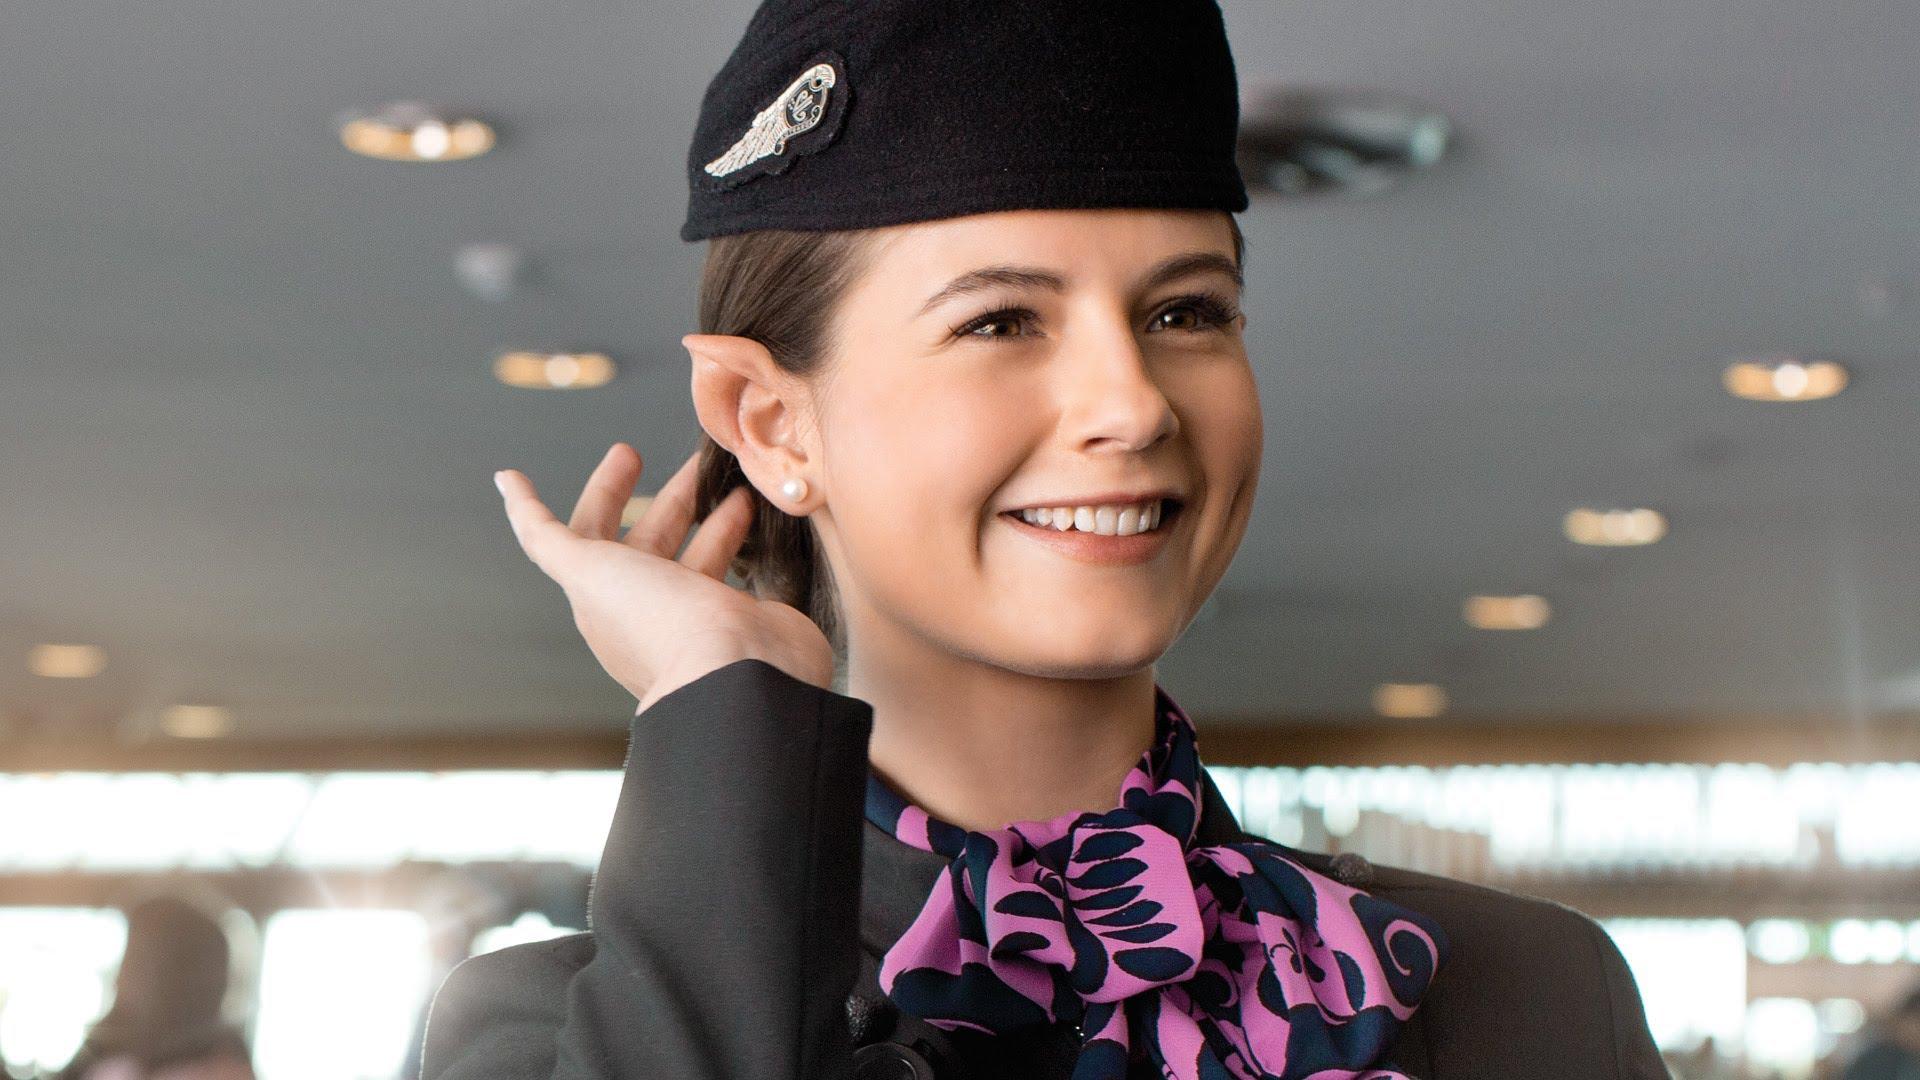 Air New Zeland, lo Hobbit e Volare Facile come superare la paura di volare insieme :D